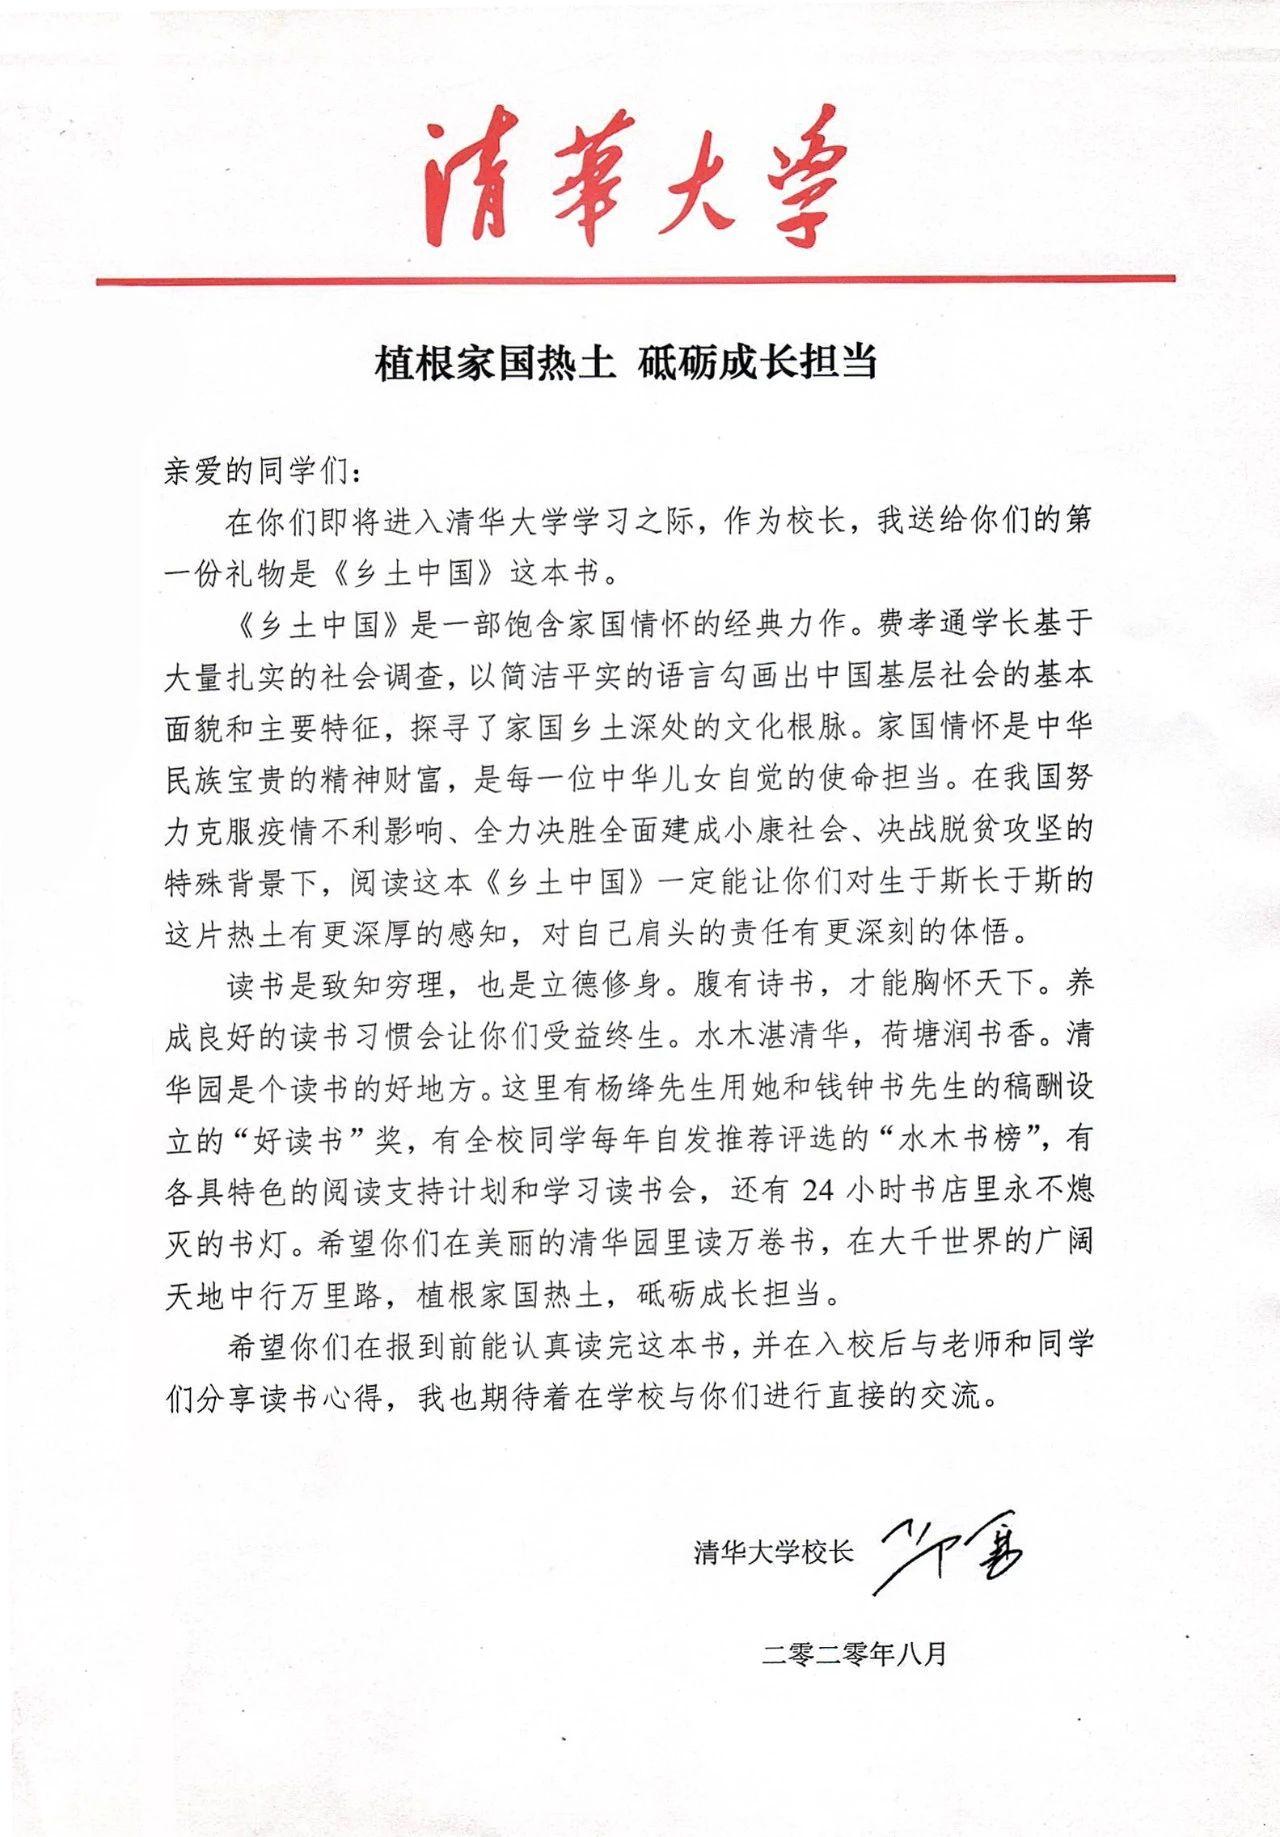 清华大学校长邱勇致新生的一封信。 图源:清华大学